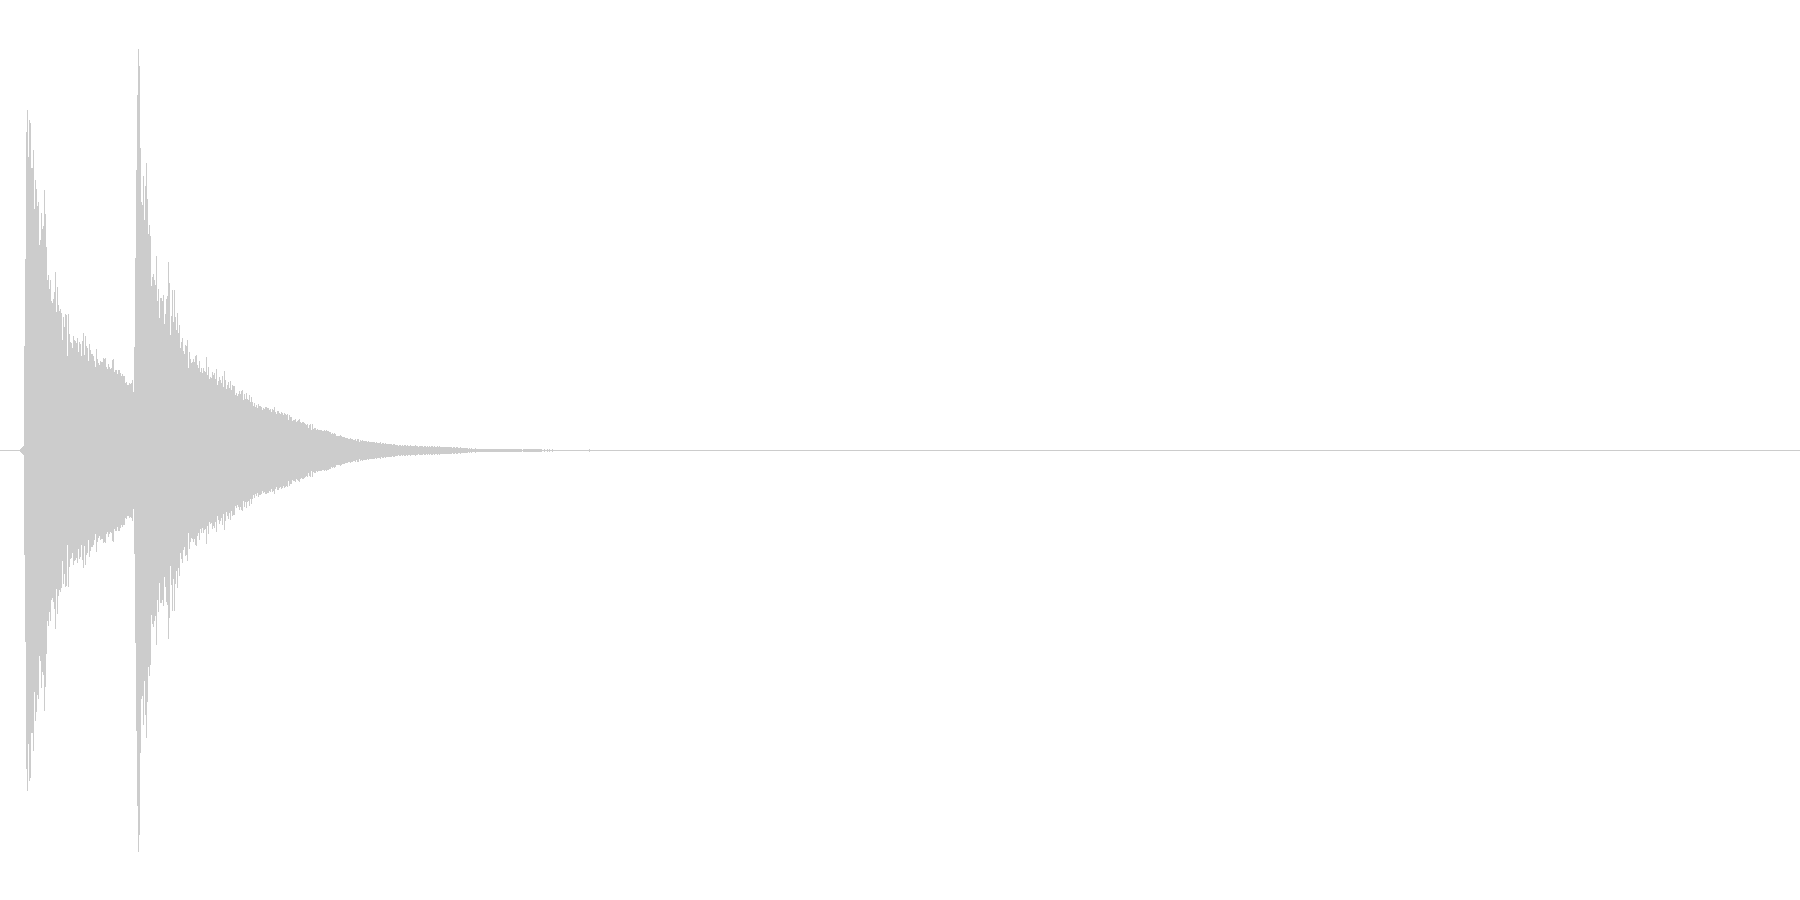 テテン(気付く、コミカル、見つける)の未再生の波形